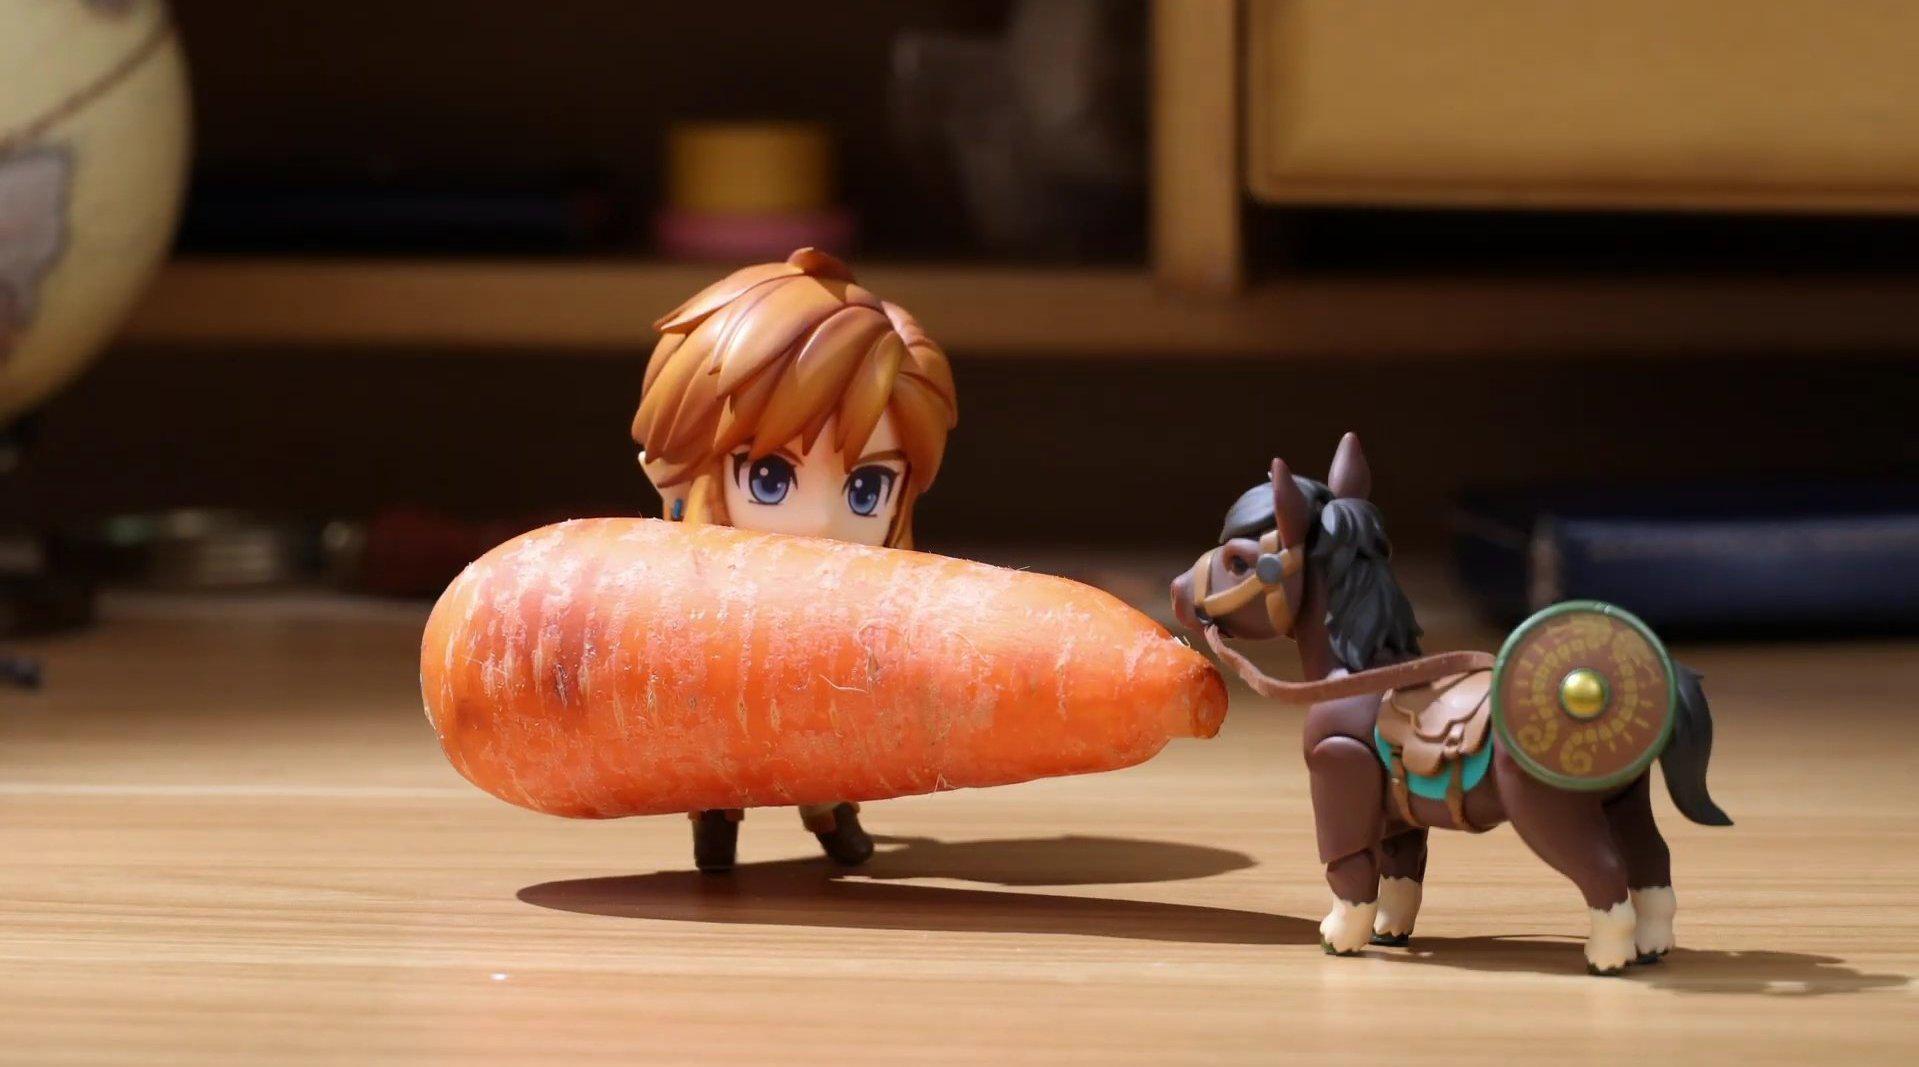 《塞尔达传说》趣味定格动画:林克给马喂胡萝卜……